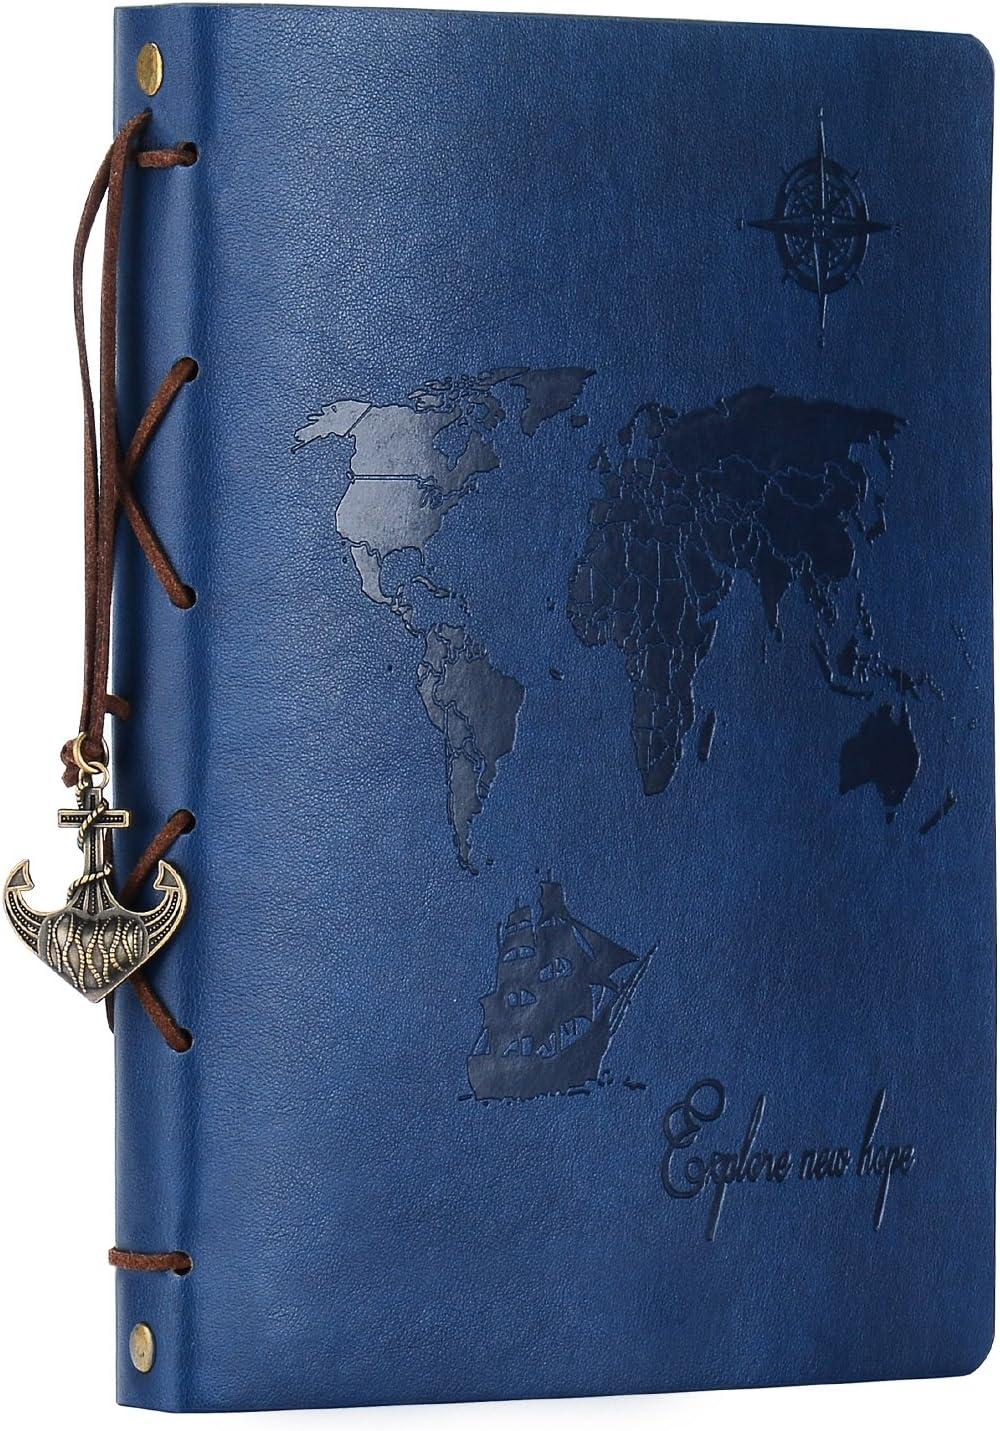 ZEEYUAN Álbum Fotos 22x27.3cm,Scrapbook Cuero Retro Viaje Mapa Mundial Libro Álbum Scrapbooking DIY Sketchbook Cumpleaños San Valentín Regalos Aniversario para Padre Novio